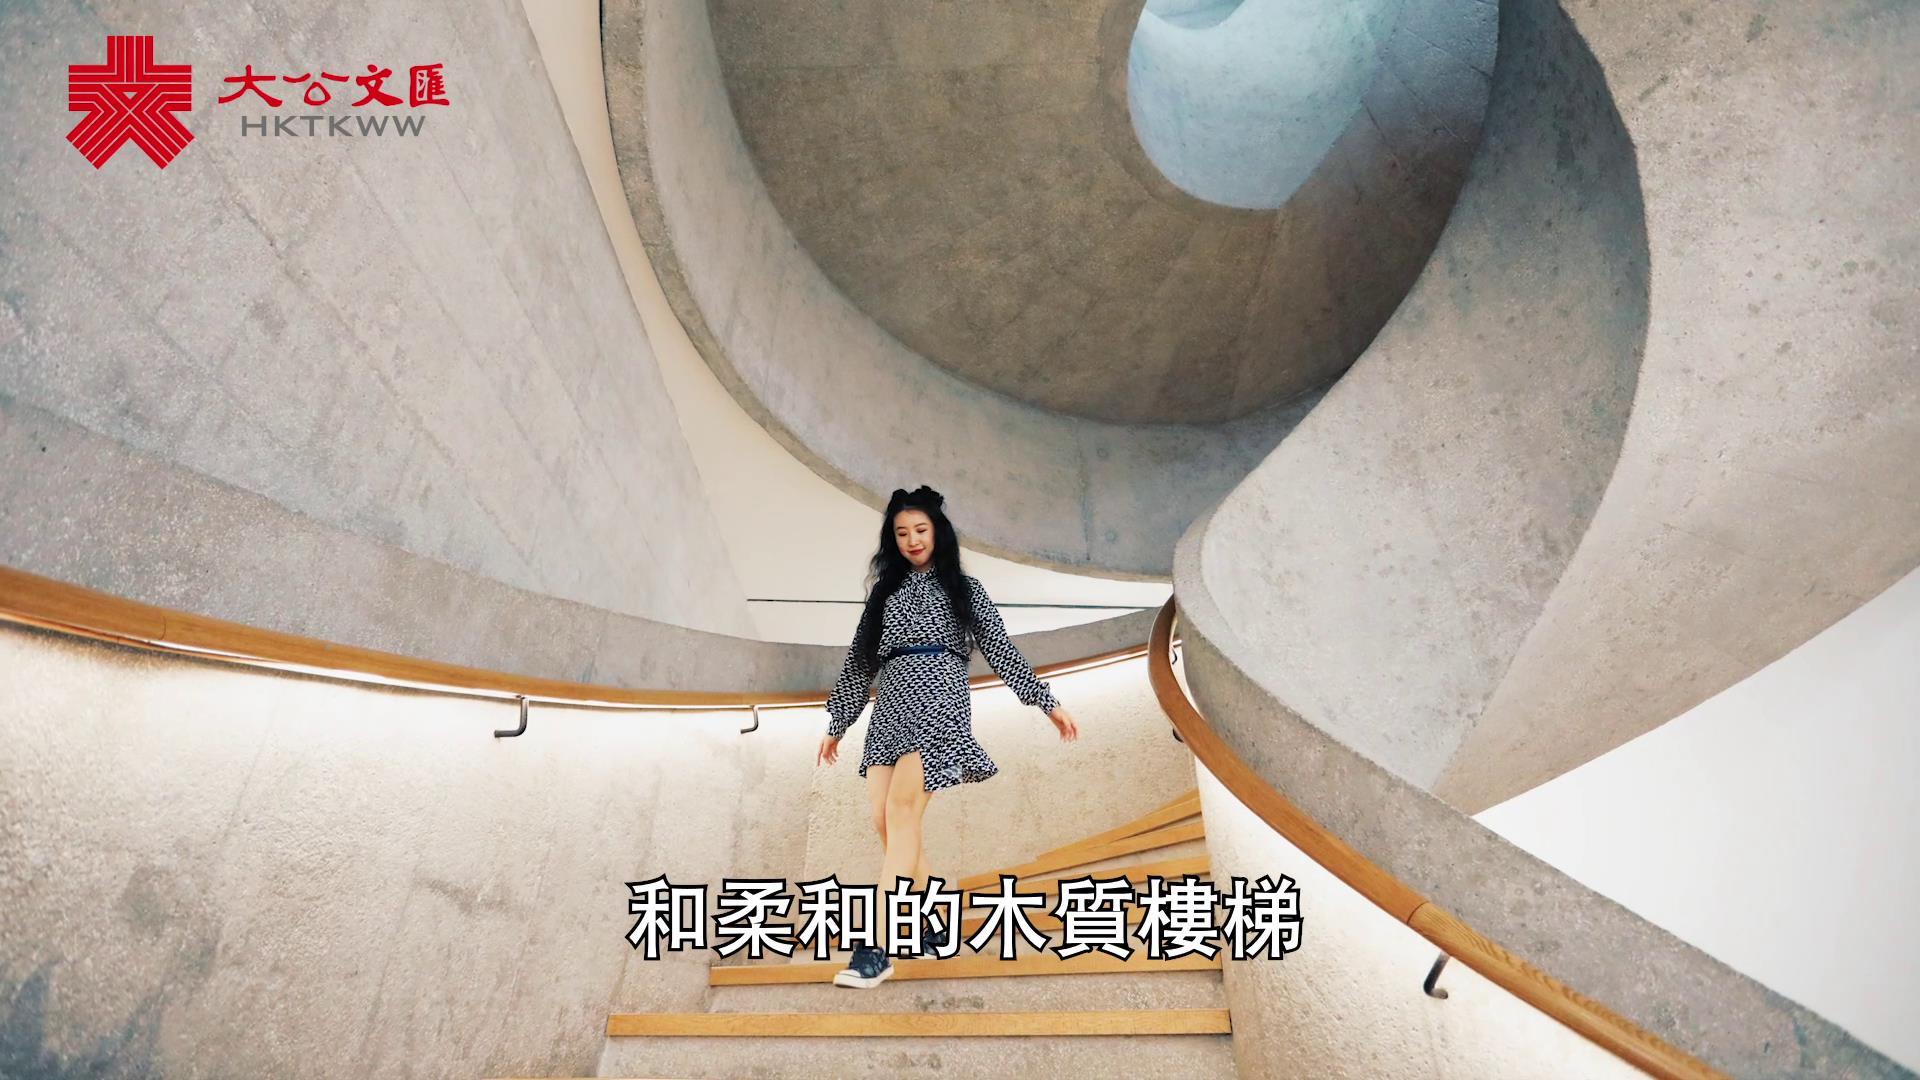 「探監」香港新晉網紅打卡地  攝影師教你如何擺脫遊客照